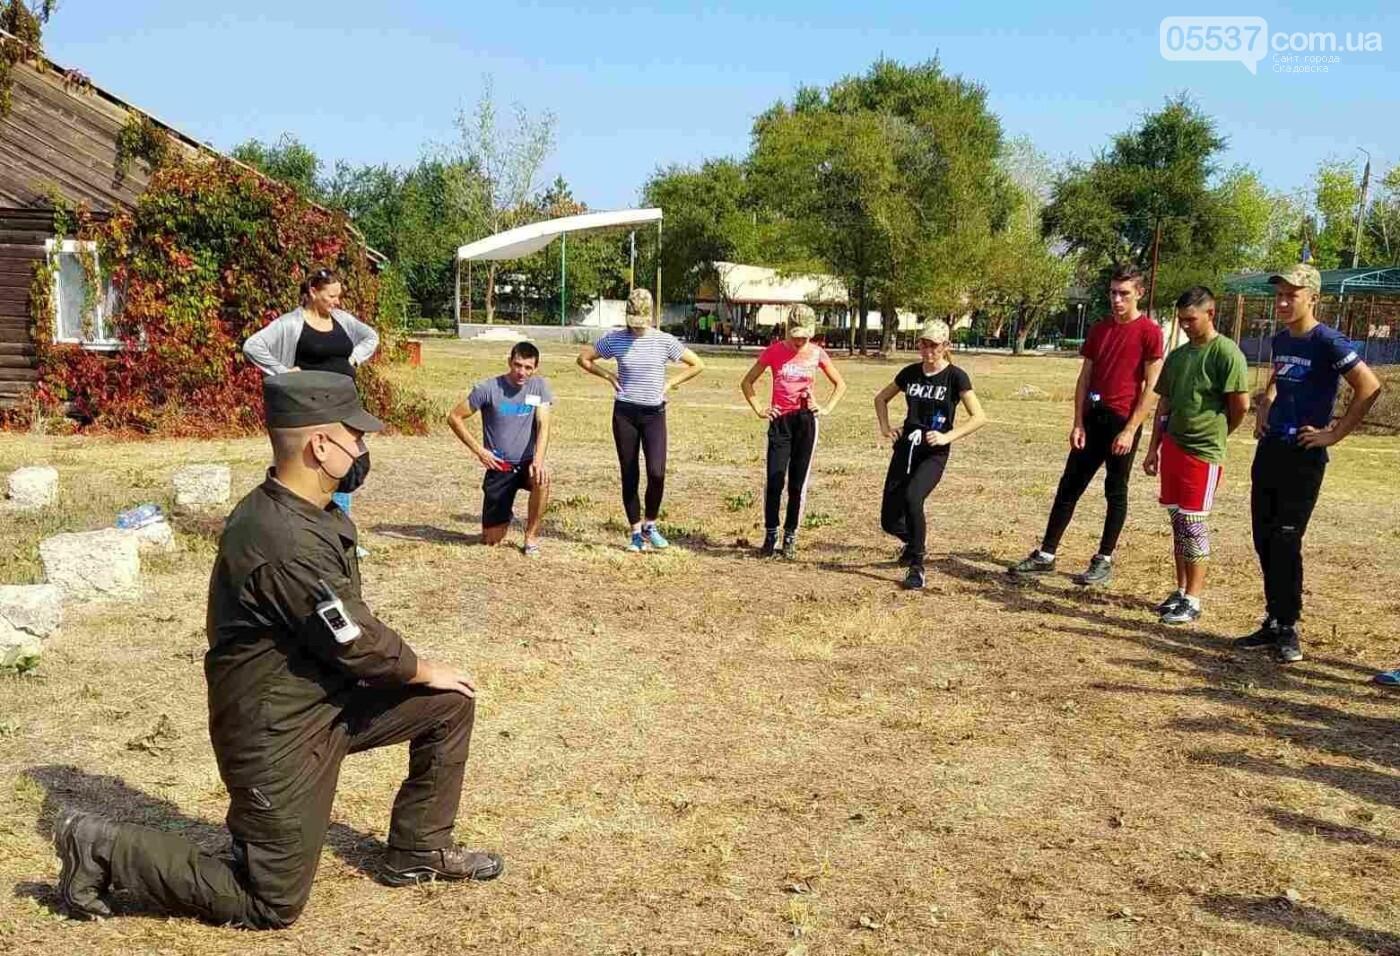 В Скадовском районе детей учили военному делу, фото-1